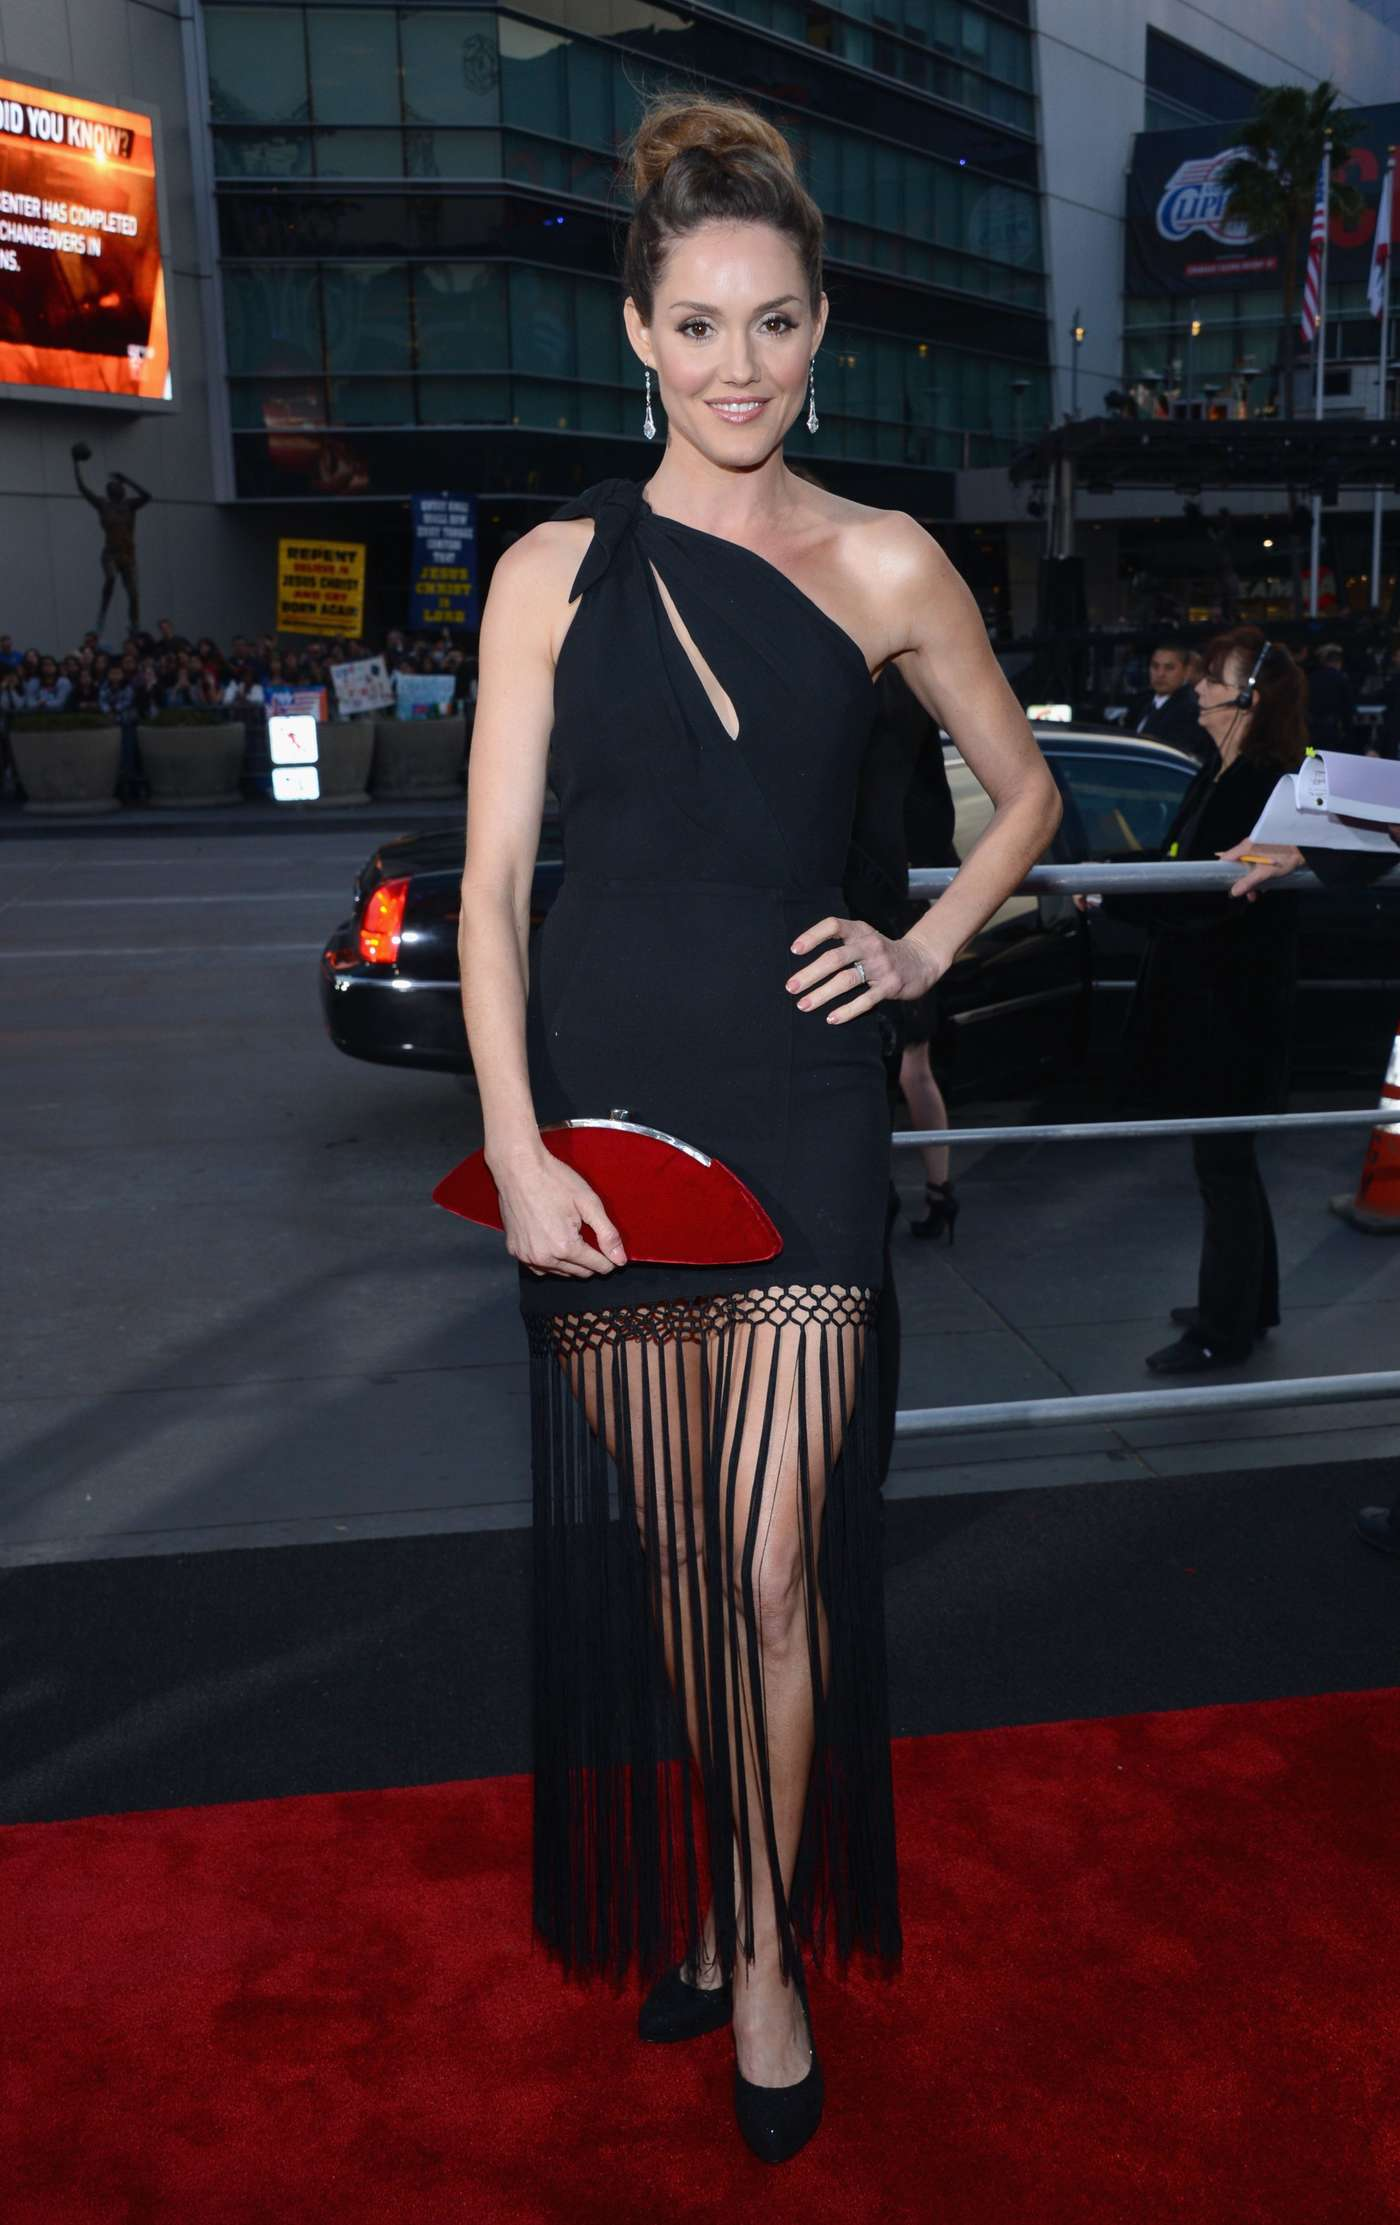 Эринн Хэйс (Erinn Hayes) в платье с бахромой